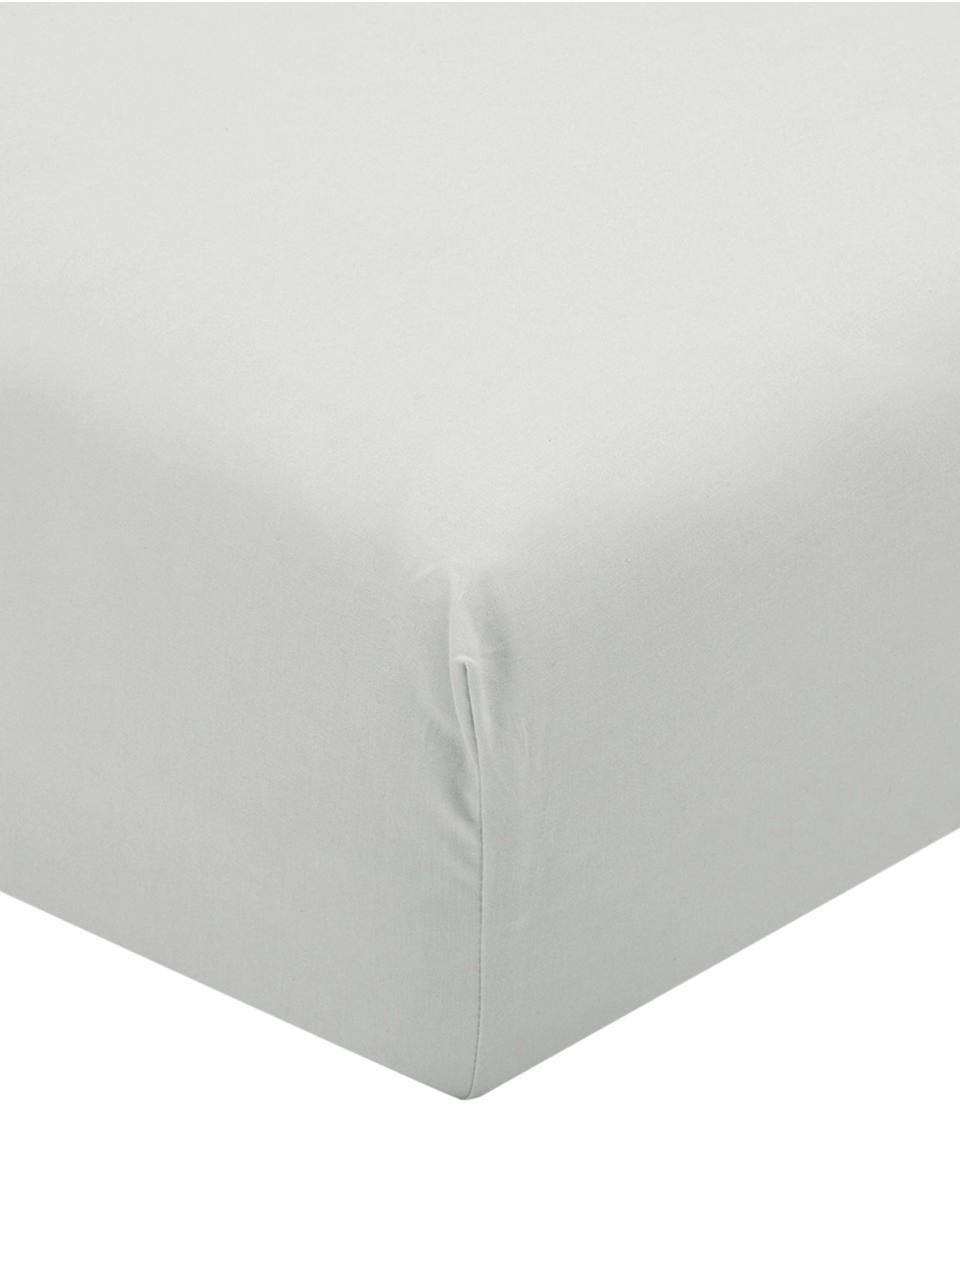 Hoeslaken Elsie in lichtgrijs, perkal, Weeftechniek: perkal, Lichtgrijs, 180 x 200 cm